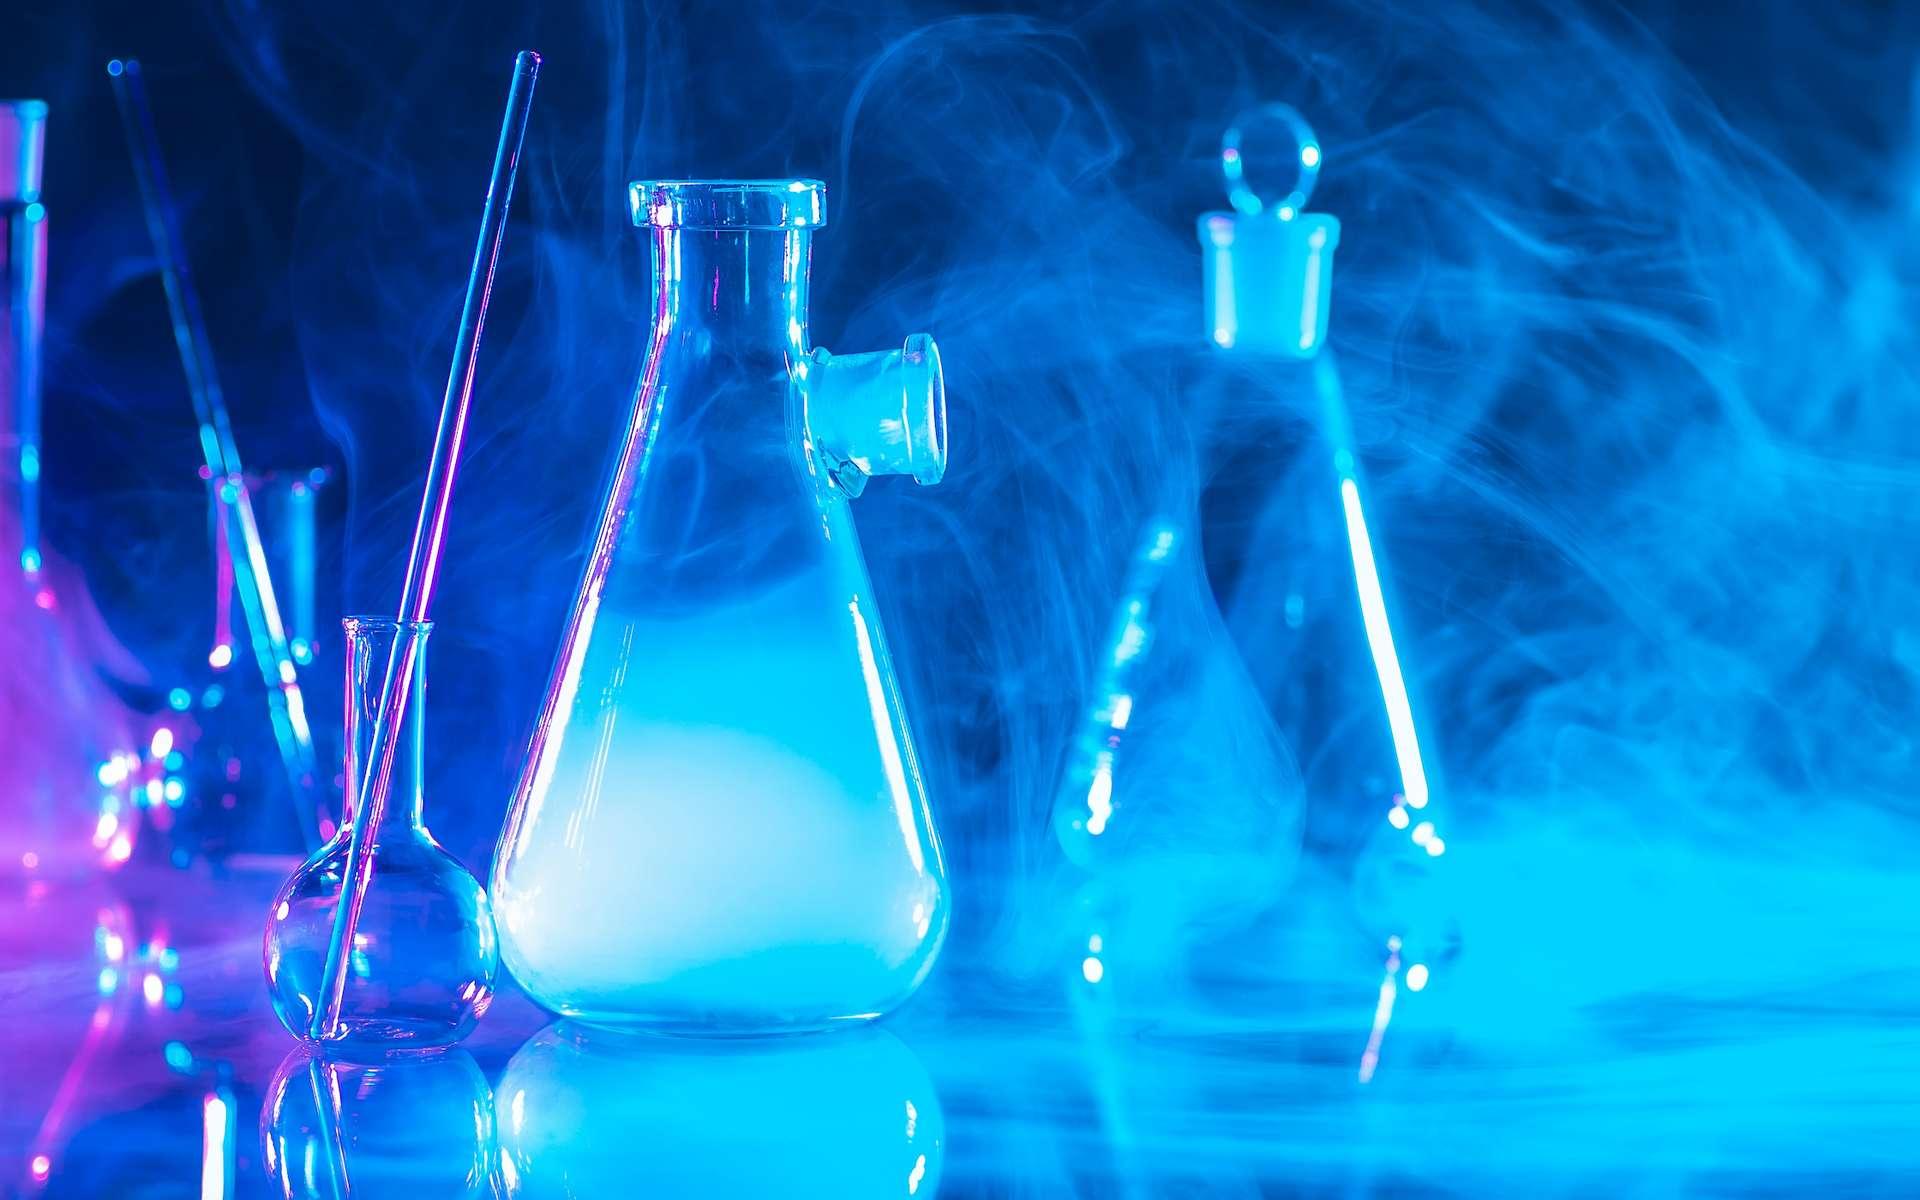 Le formaldéhyde est un gaz toxique et inflammable. © Grispb, Adobe Stock